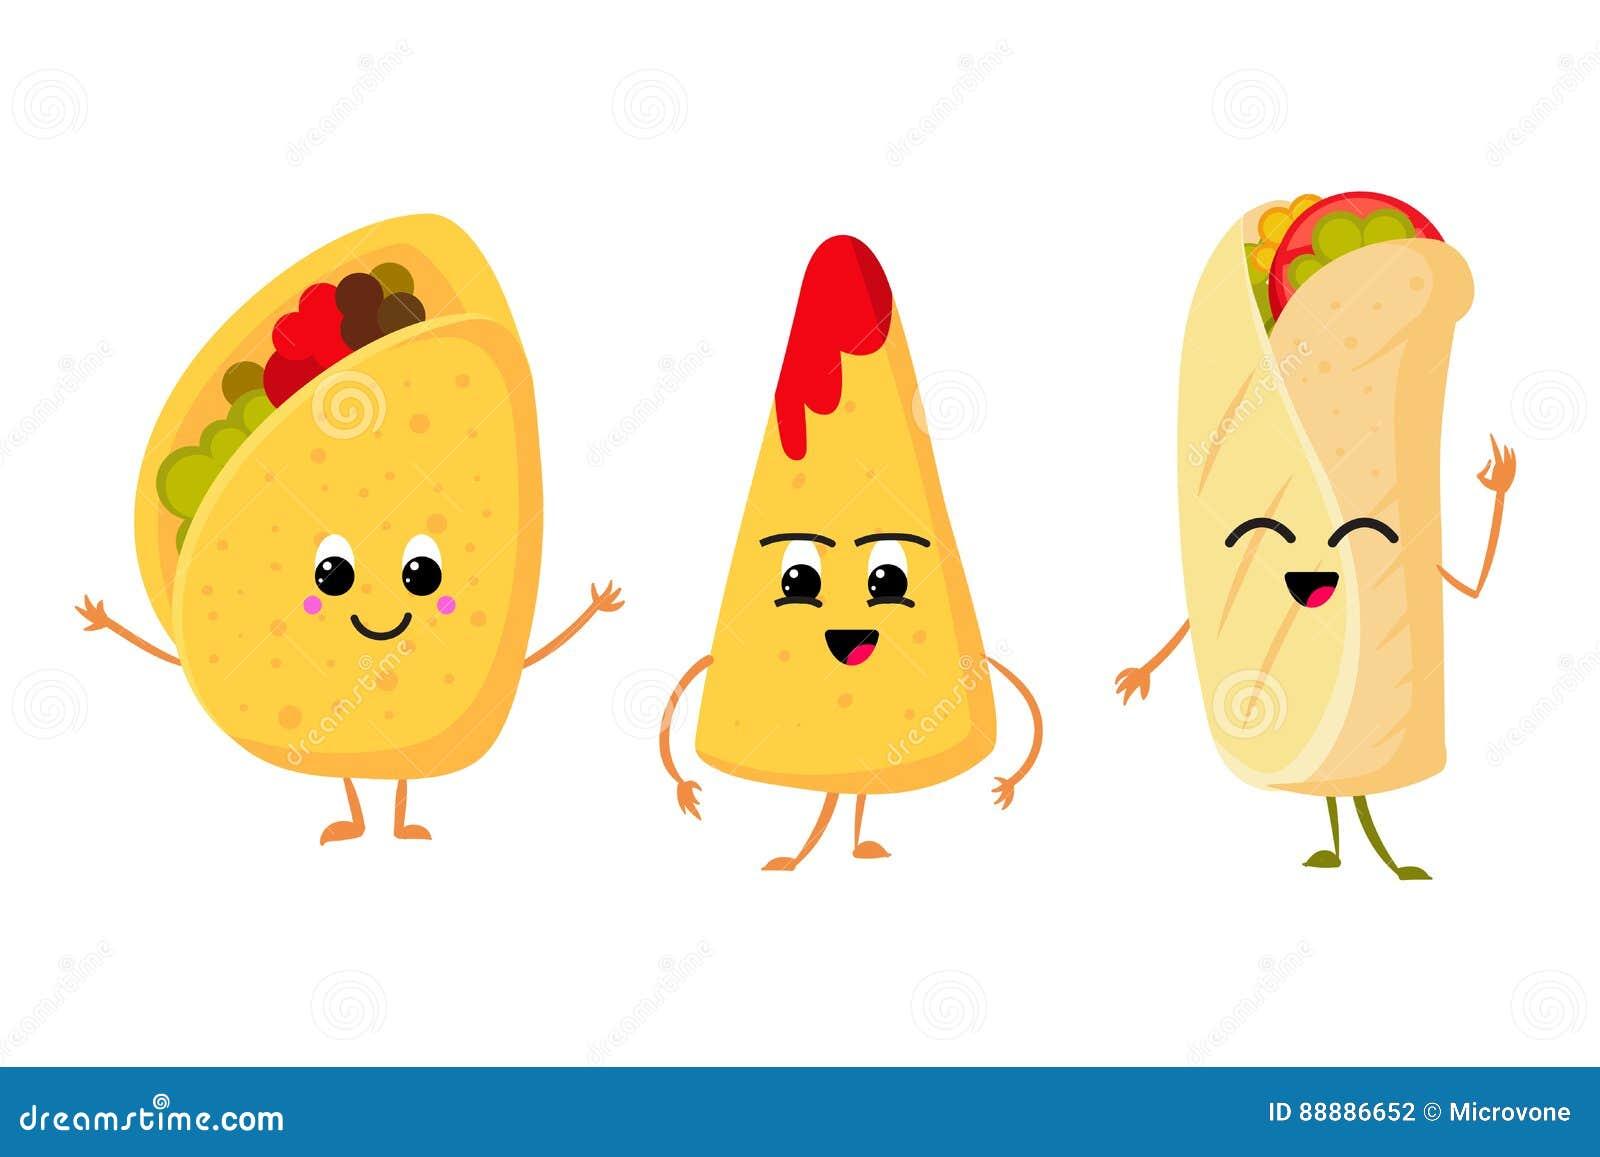 Χαριτωμένο αστείο taco, burrito και nachos καλαμποκιού με το χαμόγελο στο πρόσωπο φρέσκο διανυσματικό σύνολο τροφίμων μεσημεριανο